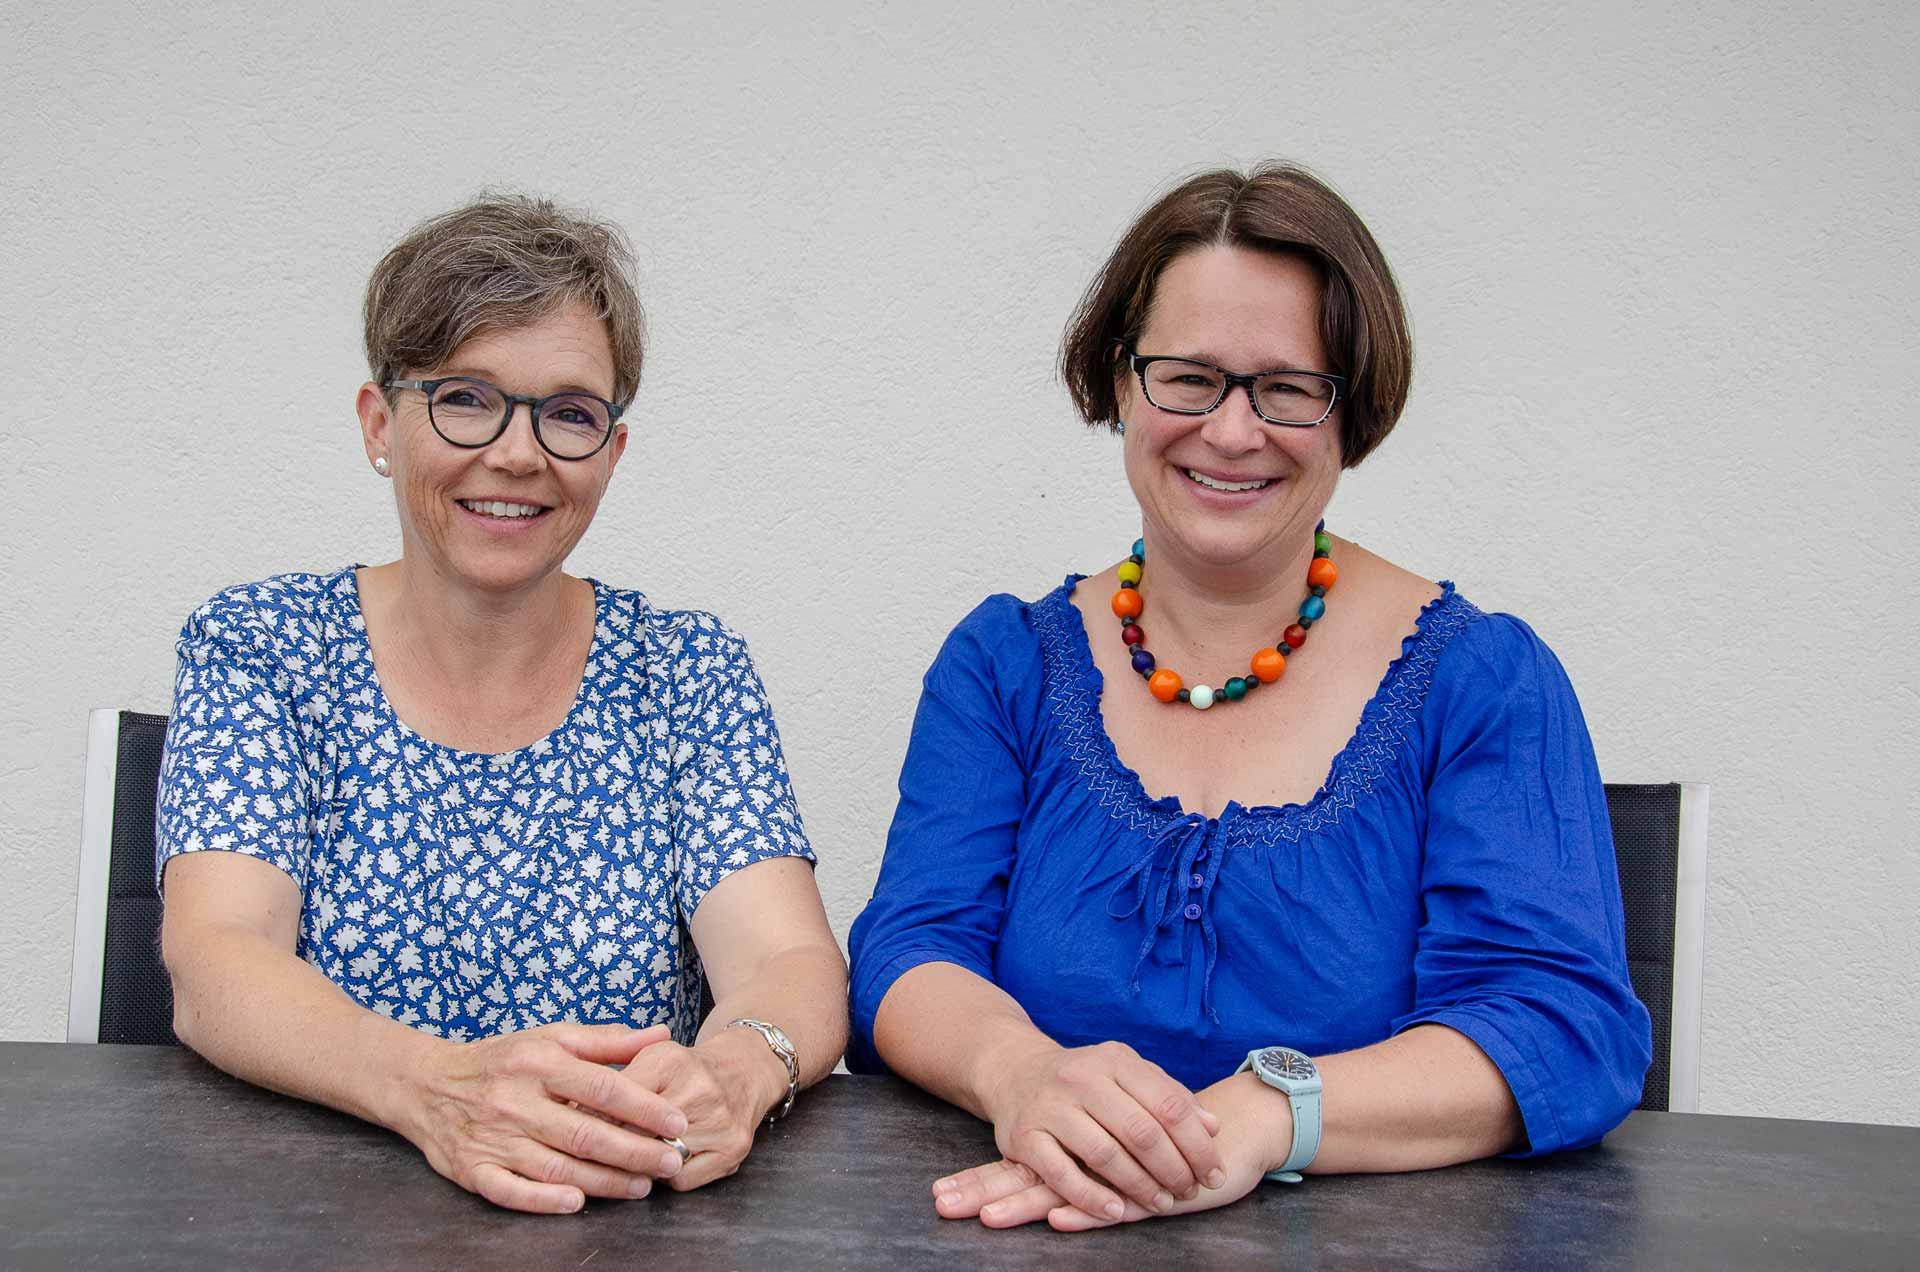 «Ein spannender Job»: Suzanne Schmid (links) ist Katechetin in Ruswil, Sarah Rosenberger in Steinhausen. | © 2018 Dominik Thali